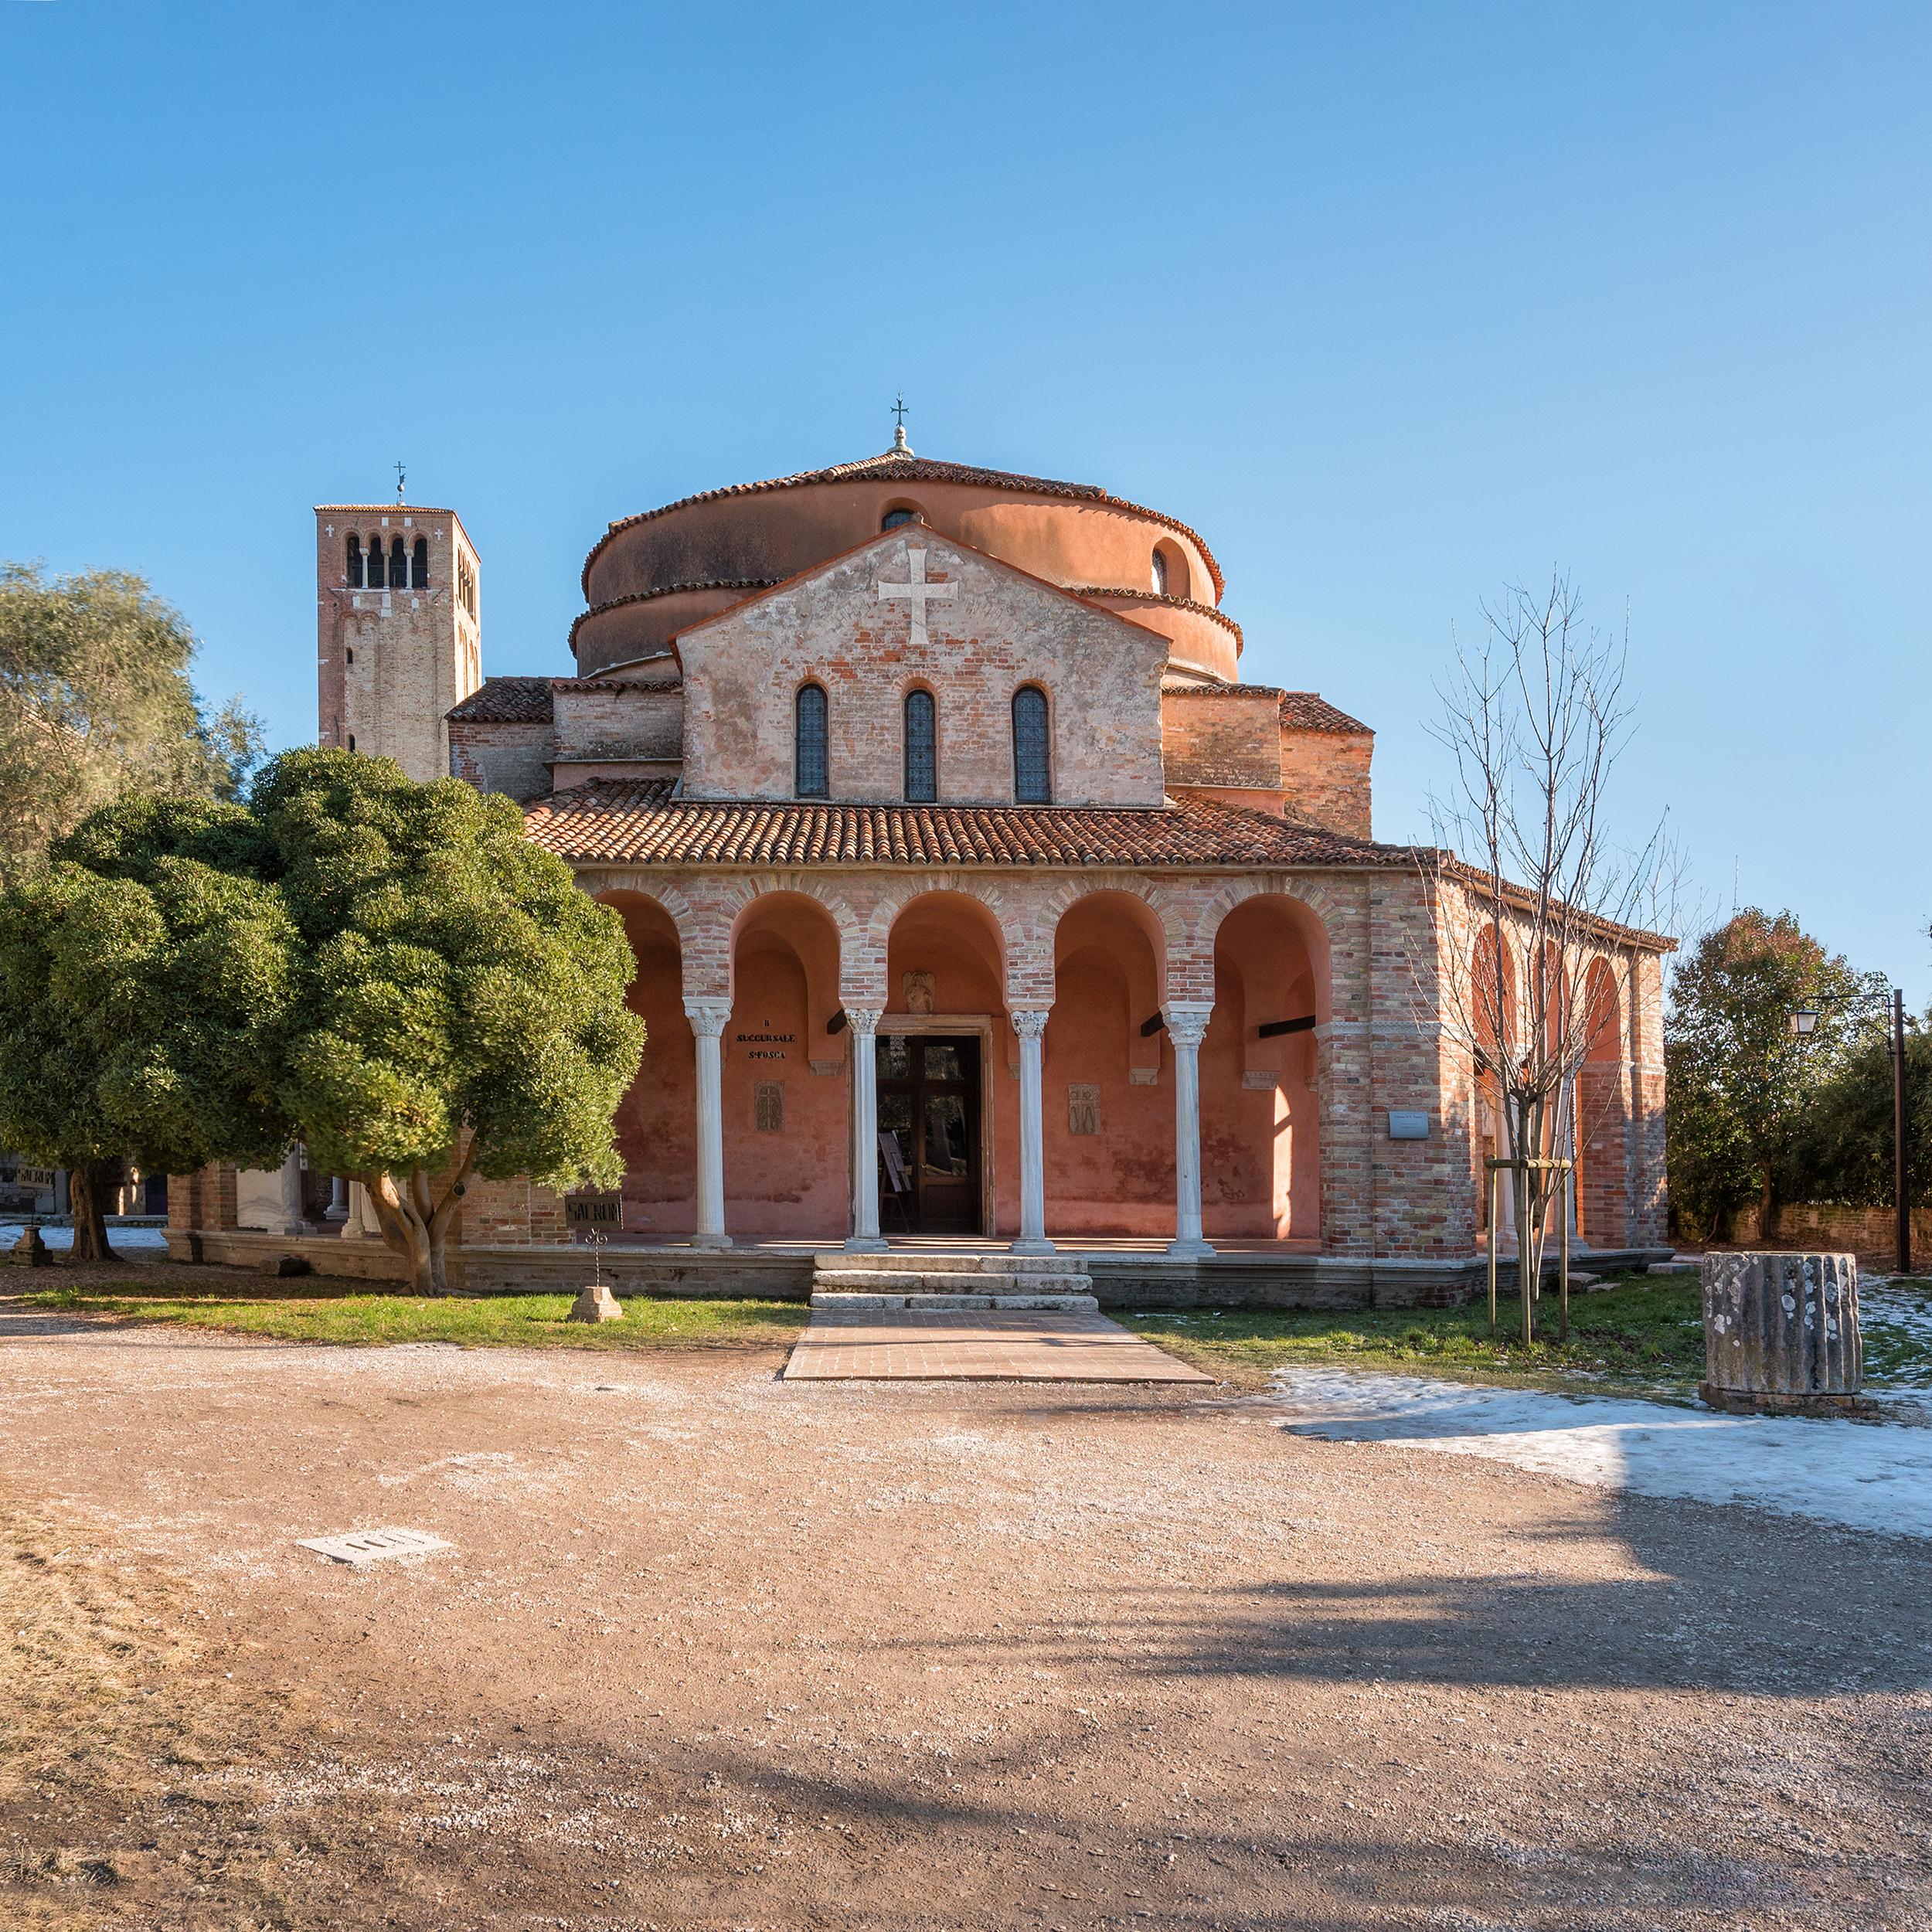 Santa Fosca, Torcello.